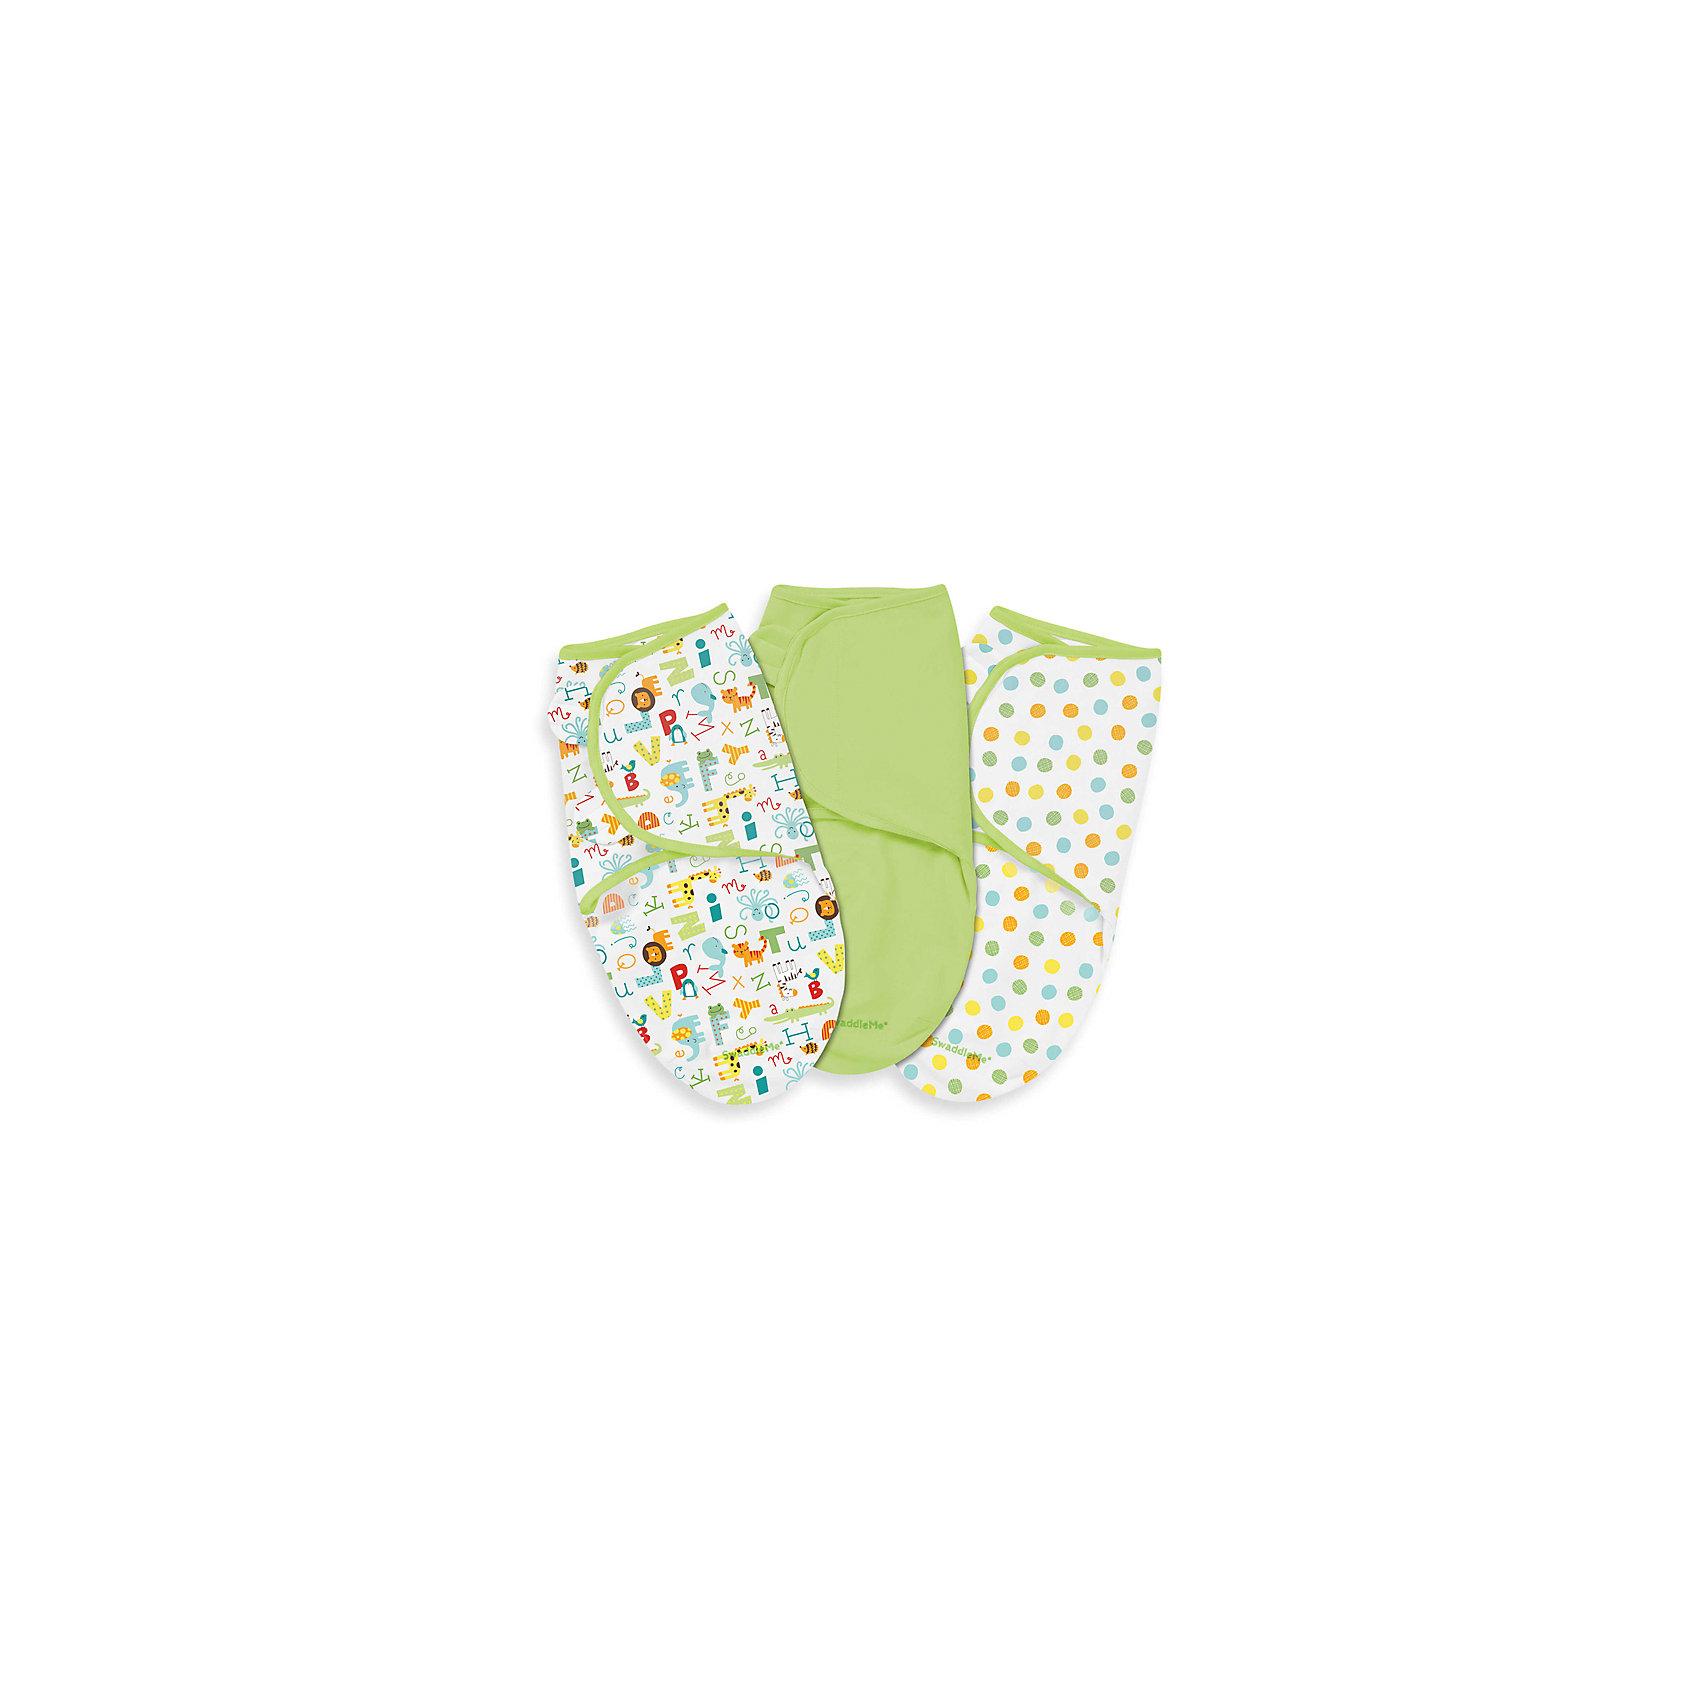 Конверт на липучке Swaddleme, размер S/M, 3шт., Summer Infant, зеленый /алфавит/горошкиПеленание<br>Характеристики конверта на липучке Swaddleme: <br><br>• конверт-мешок для детей первого года жизни;<br>• не сковывает движения ребенка;<br>• снижает рефлекс вздрагивания;<br>• конверт оснащен крыльями, малыш не сможет «освободиться» во время движений ручками;<br>• объятия крыльев регулируются по мере роста ребенка;<br>• тип застежки: липучки;<br>• отверстие в области ног ребенка для смены подгузника;<br>• размер конверта: S/M;<br>• длина конверта: 55 см;<br>• рост ребенка: 56-62 см;<br>• вес ребенка: 3-6 кг;<br>• возраст ребенка: от рождения до 3-х месяцев;<br>• состав ткани: 100% хлопок.<br><br>Конверт-мешок на липучке позволяет деткам первого года жизни вести себя спокойнее во сне, снижает рефлекс вздрагивания, при этом конверт не сковывает движений ребенка. Ручки обтянуты мягкими эластичными «крыльями» конверта, а ножками ребенок может легко теребить. Регулируемые объятия крыльев дают возможность подгонять размер конверта в зависимости от его роста и веса. Отверстие конверта в области ножек малыша дает возможность контролировать наполненность подгузника, чтобы осуществить своевременную его замену. <br><br>Количество в упаковке: 3 шт.<br>Размер упаковки: 27х21х4,5 см<br>Вес: 400 г<br><br>Конверт на липучке Swaddleme, размер S/M, 3шт., Summer Infant, зеленый /алфавит/горошки можно купить в нашем интернет-магазине.<br><br>Ширина мм: 210<br>Глубина мм: 270<br>Высота мм: 45<br>Вес г: 400<br>Возраст от месяцев: 0<br>Возраст до месяцев: 3<br>Пол: Унисекс<br>Возраст: Детский<br>SKU: 5507990